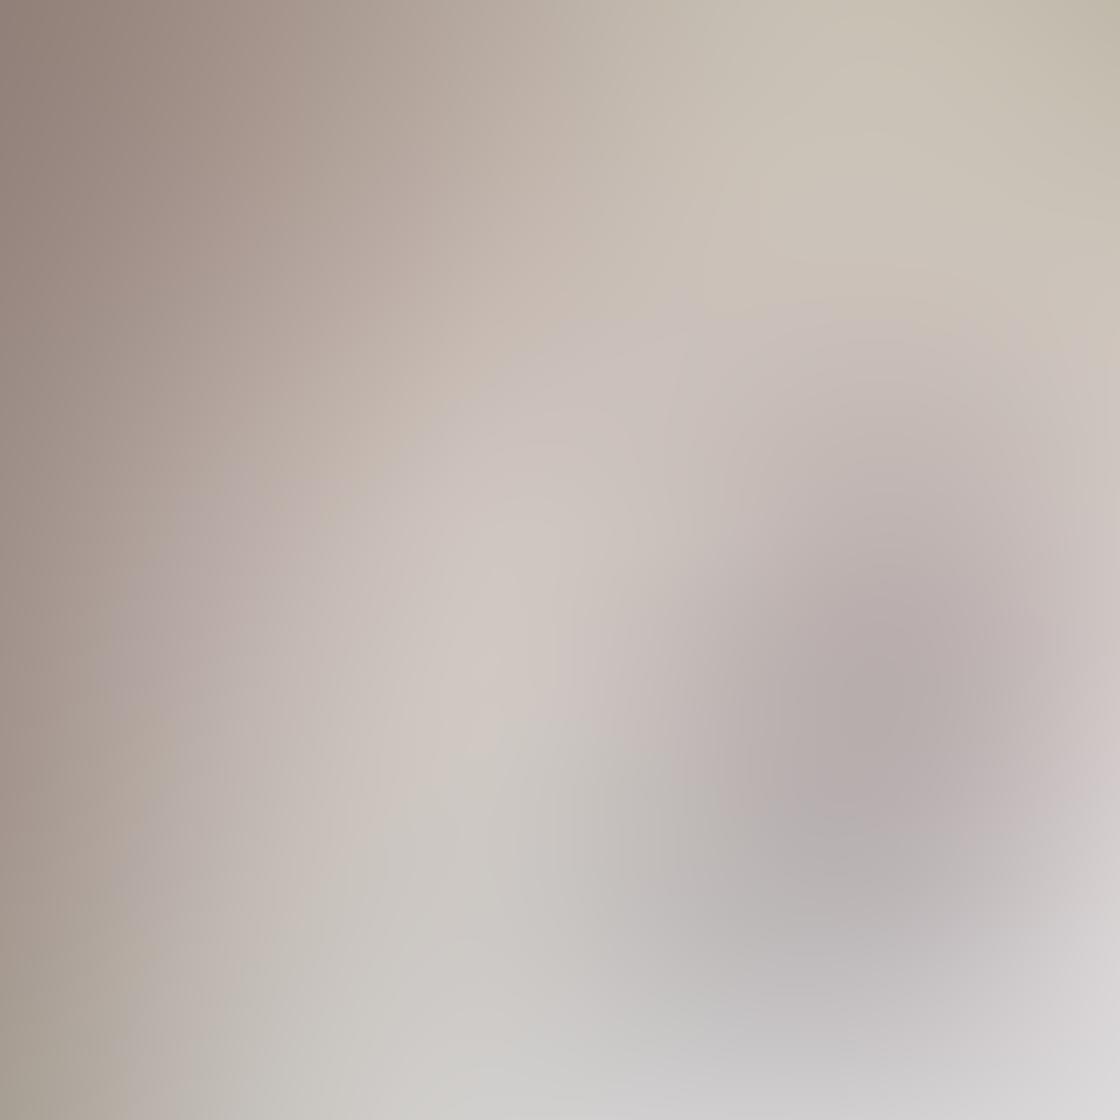 iPhone Empty Space Photo 21